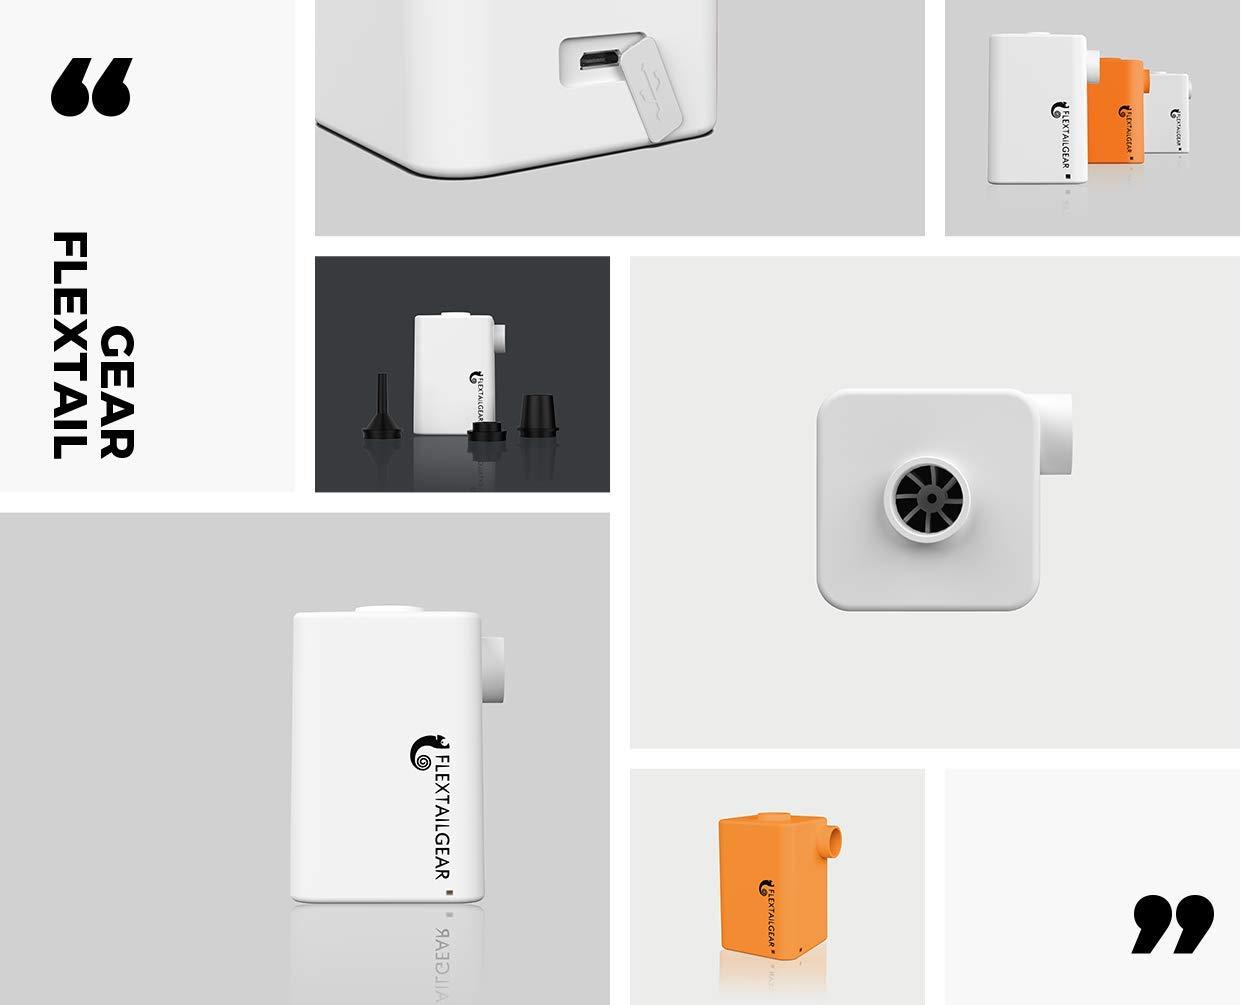 Flextail Gear Pompe /à air /électrique avec Batterie int/égr/ée 3600 mAh